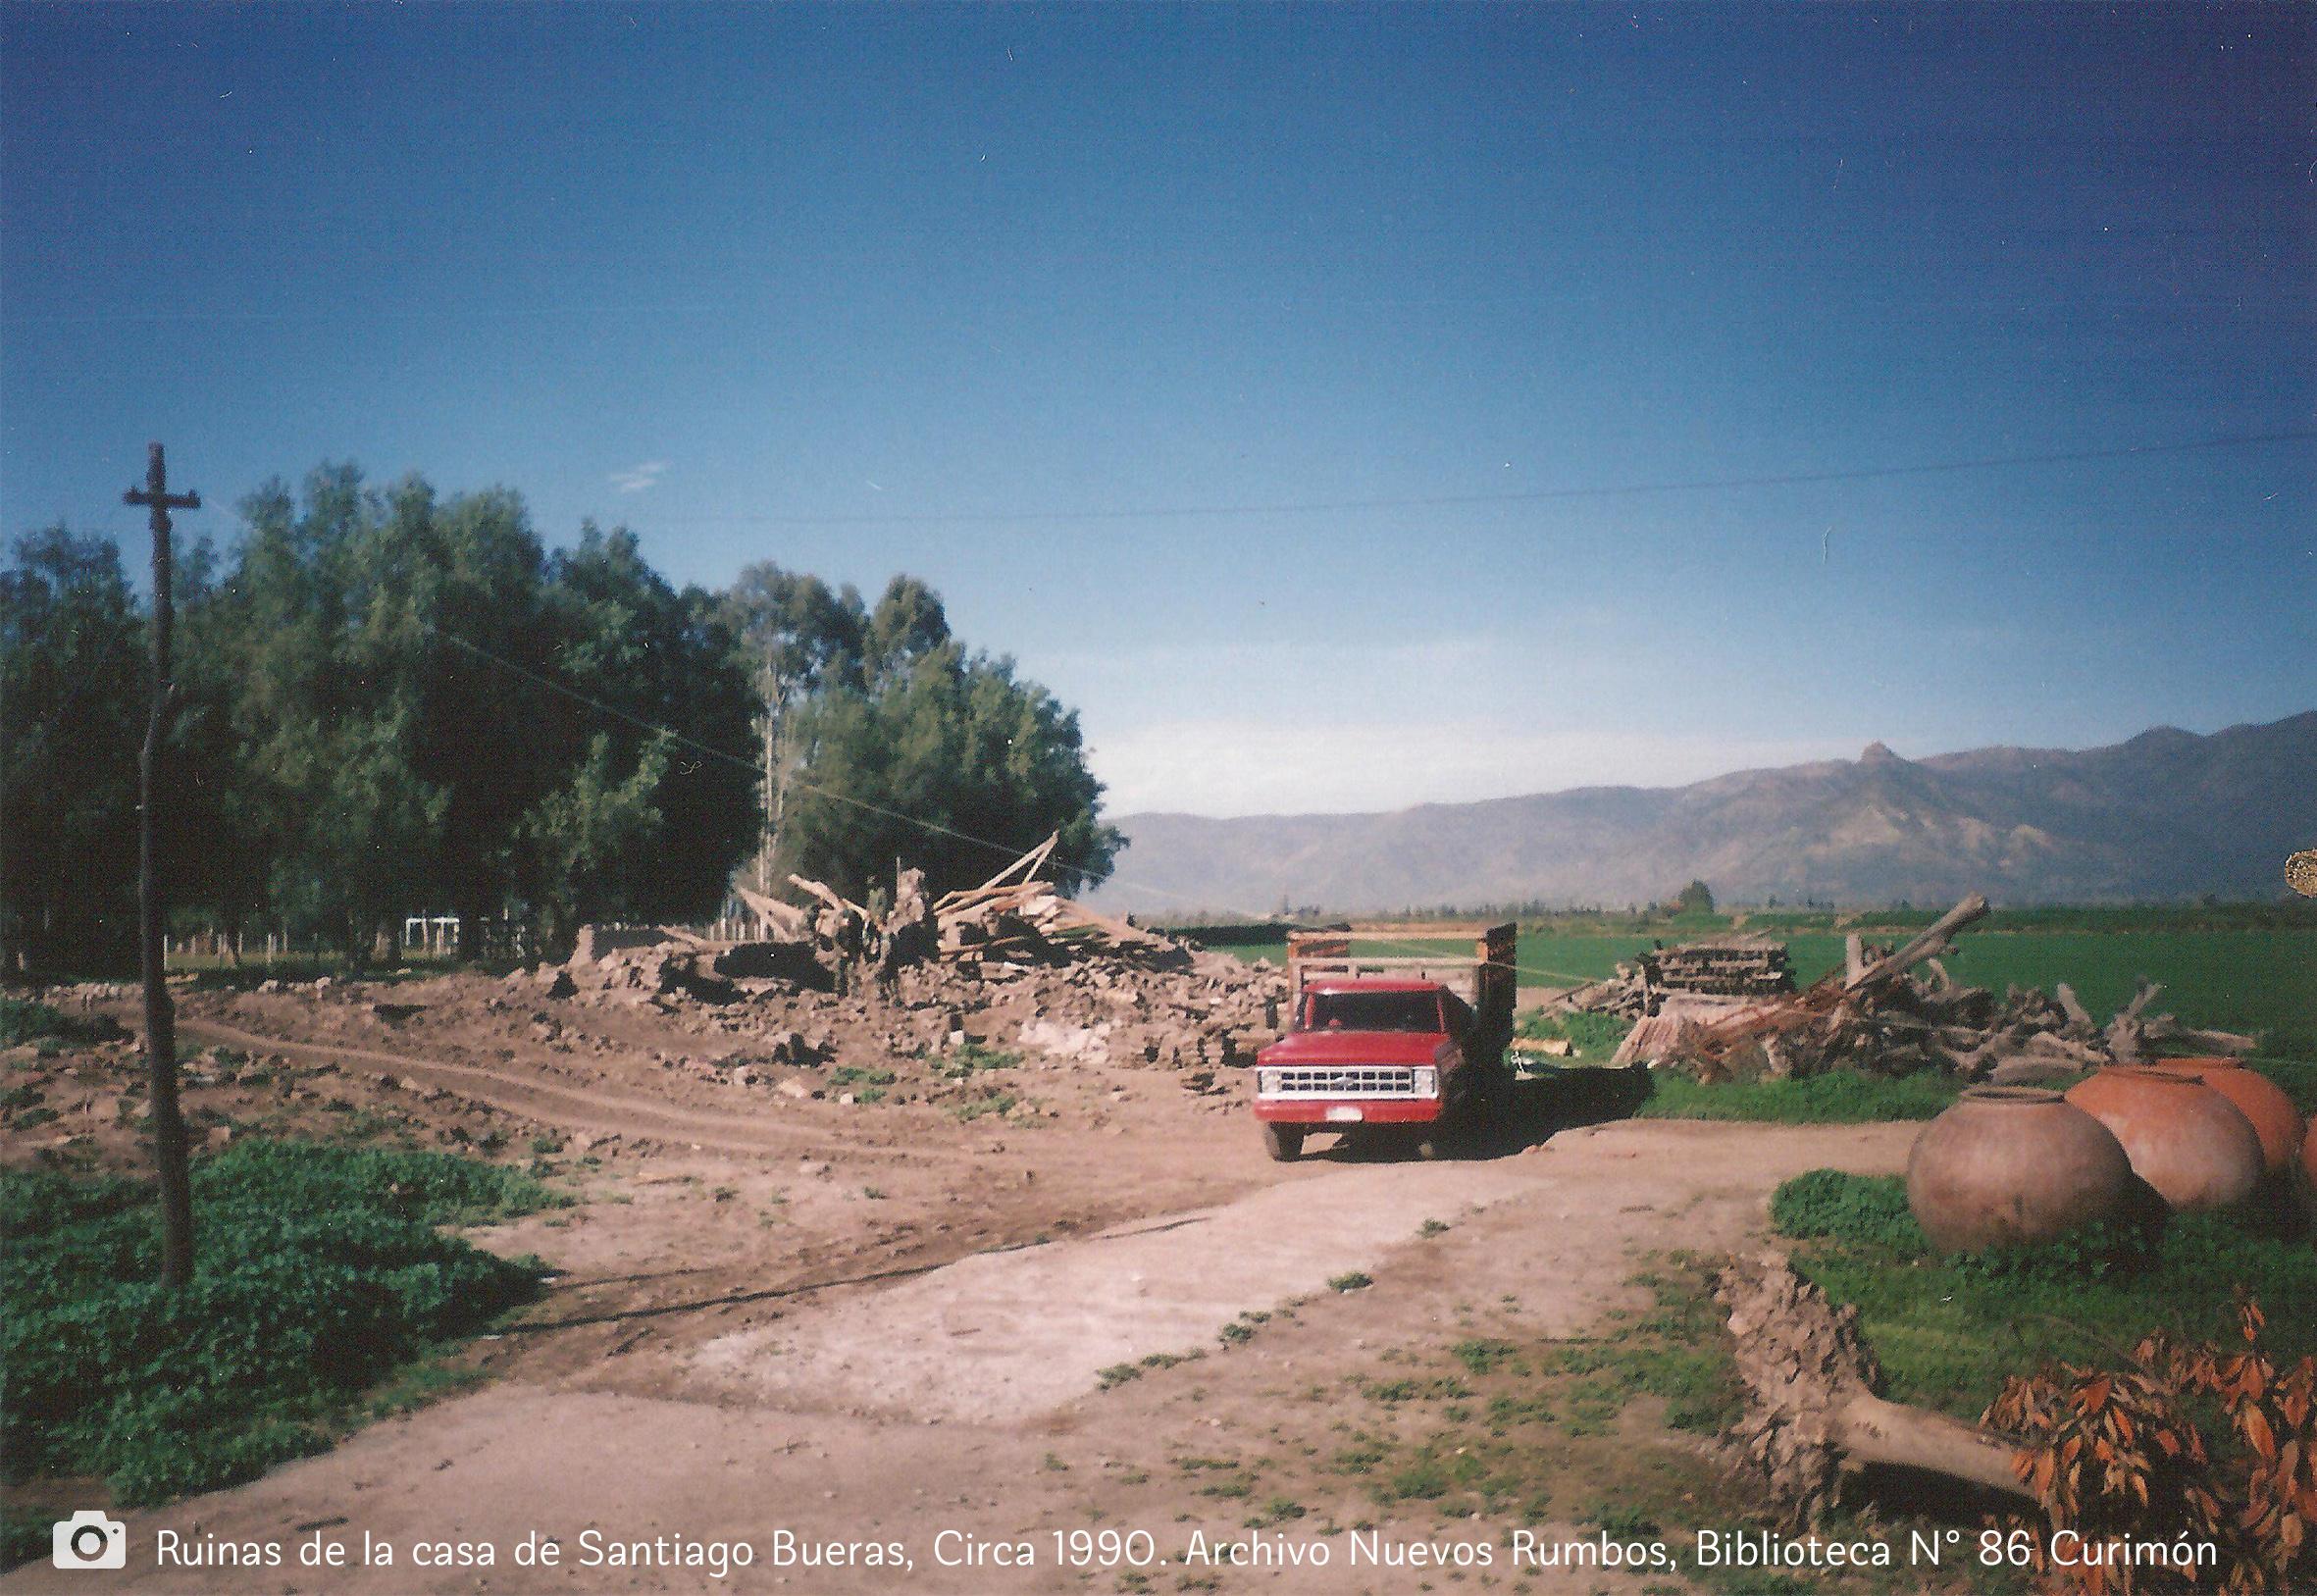 Enterreno - Fotos históricas de chile - fotos antiguas de Chile - Desmantelación de la Casa de Santiago Bueras, 1990